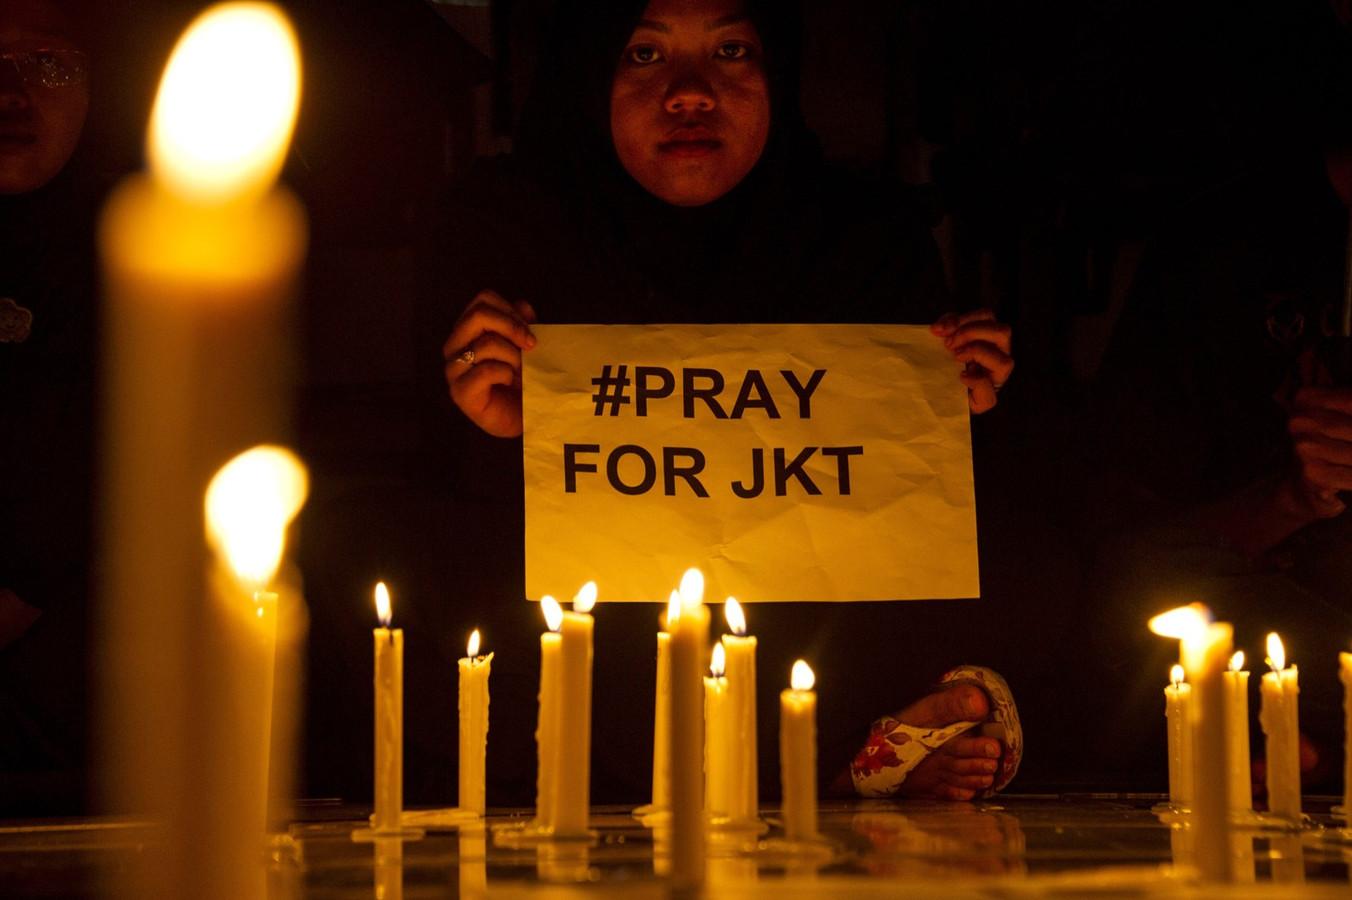 Een Indonesische moslima houdt een blad vast met de tekst #pray for Jakarta.